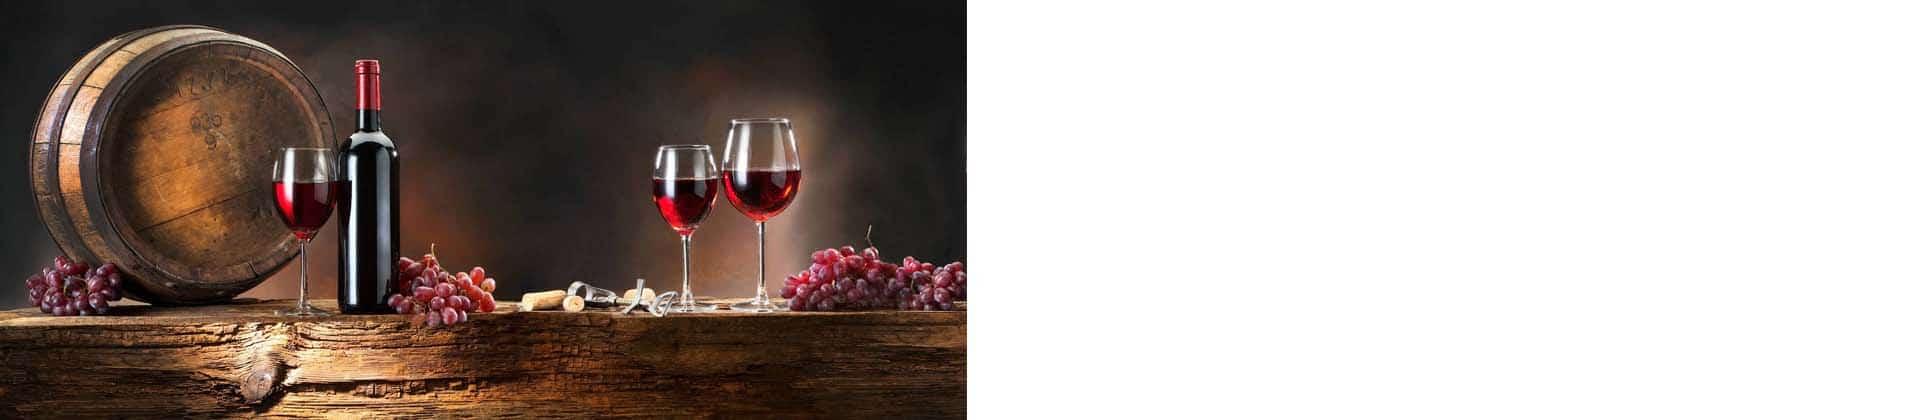 Вино слайдер